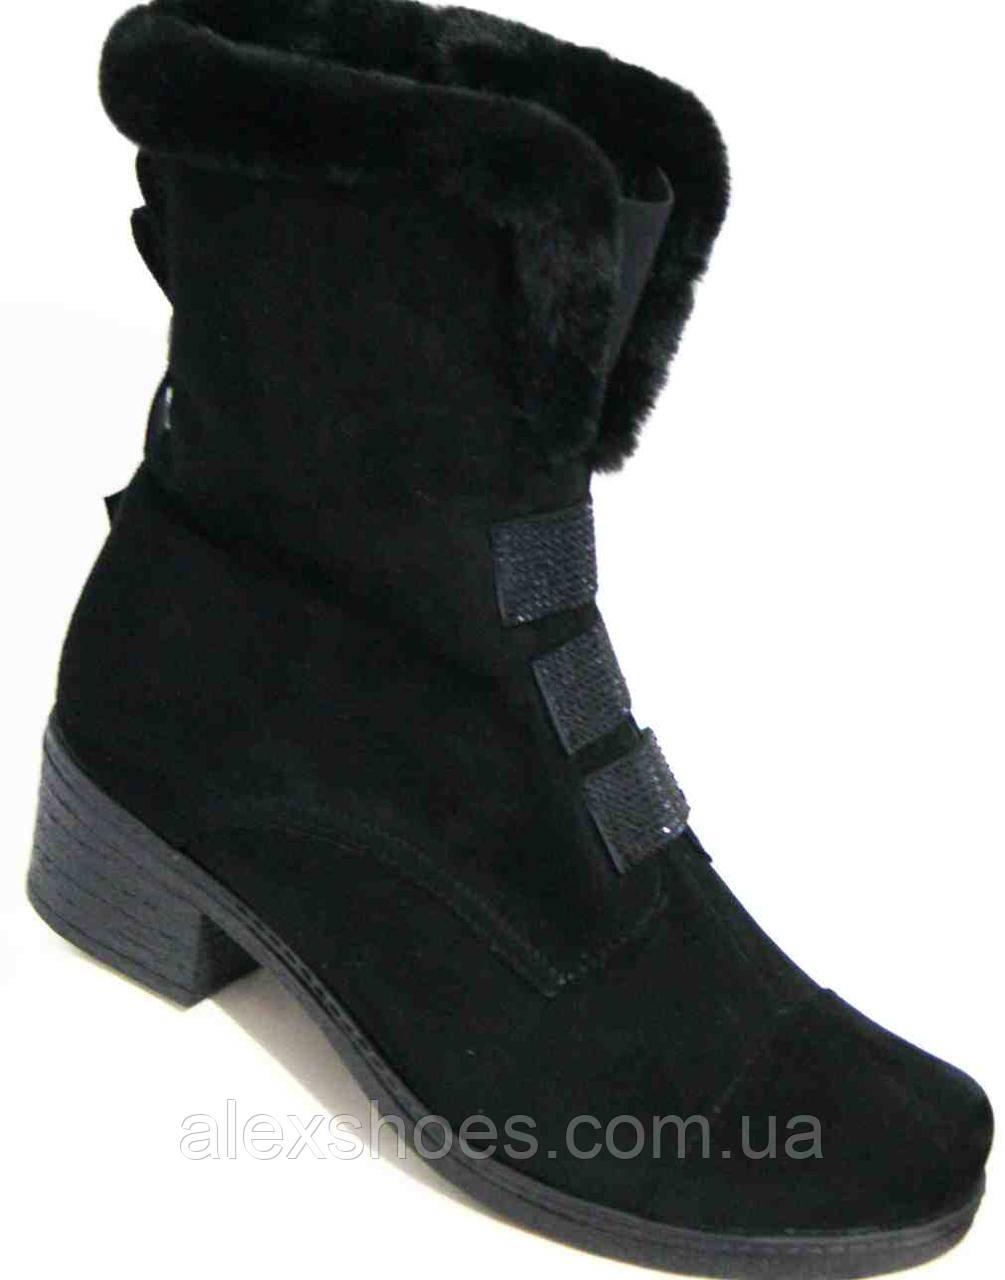 Ботинки женские зимние из натуральной замши большого размера от производителя модель В5272-4